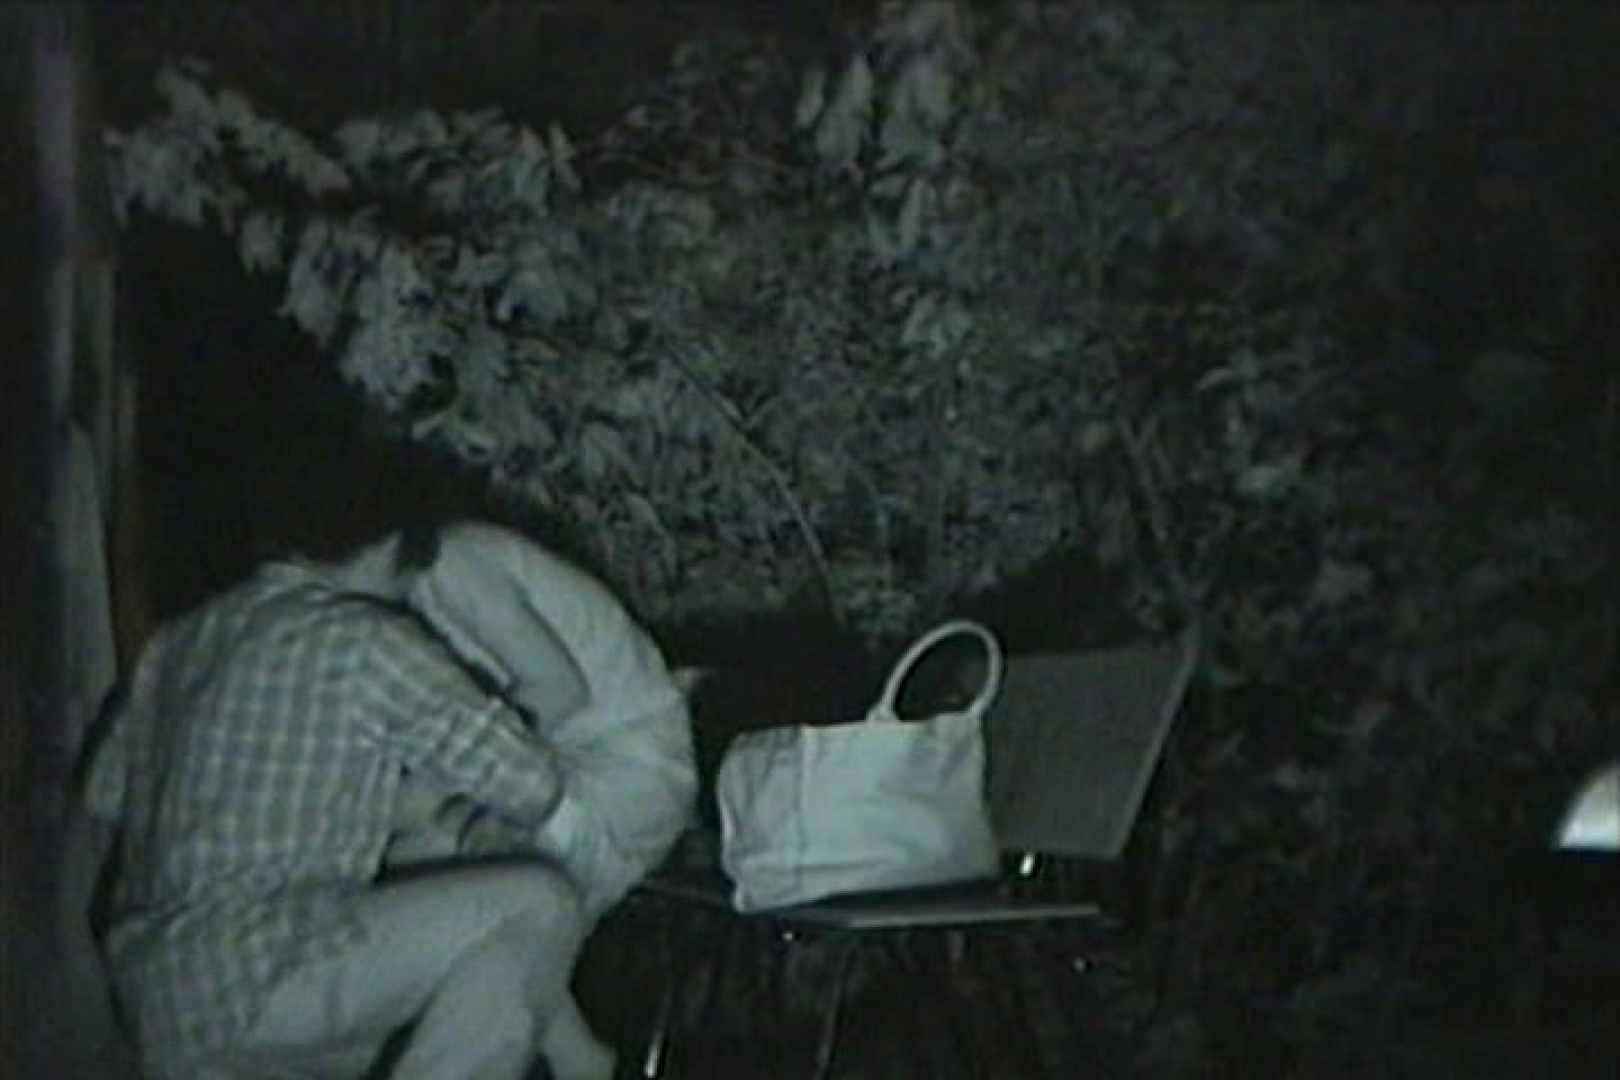 闇の仕掛け人 無修正版 Vol.24 すけべなOL オマンコ無修正動画無料 102画像 22